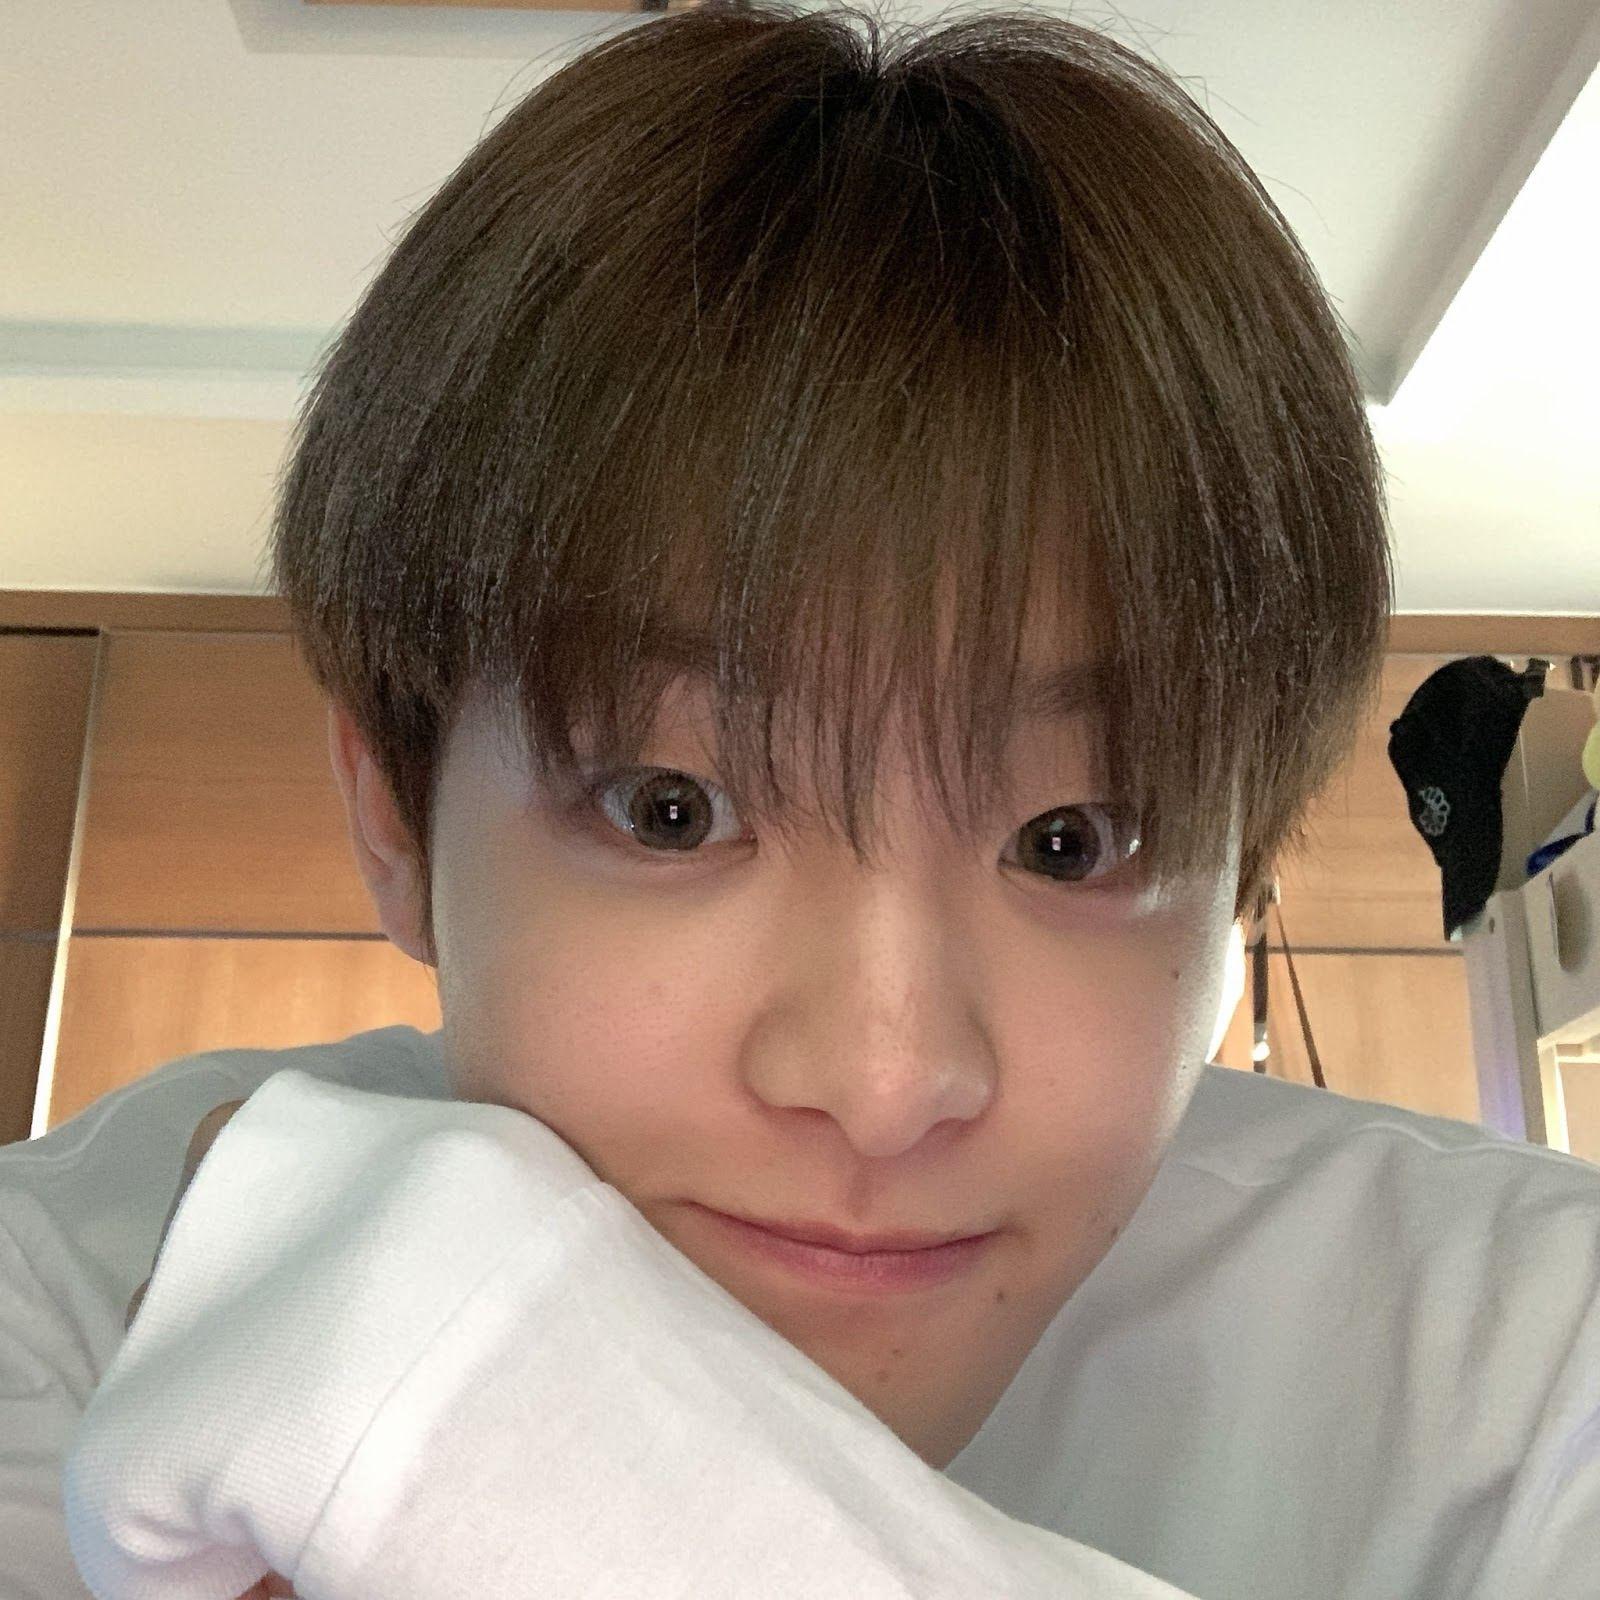 jihoon4